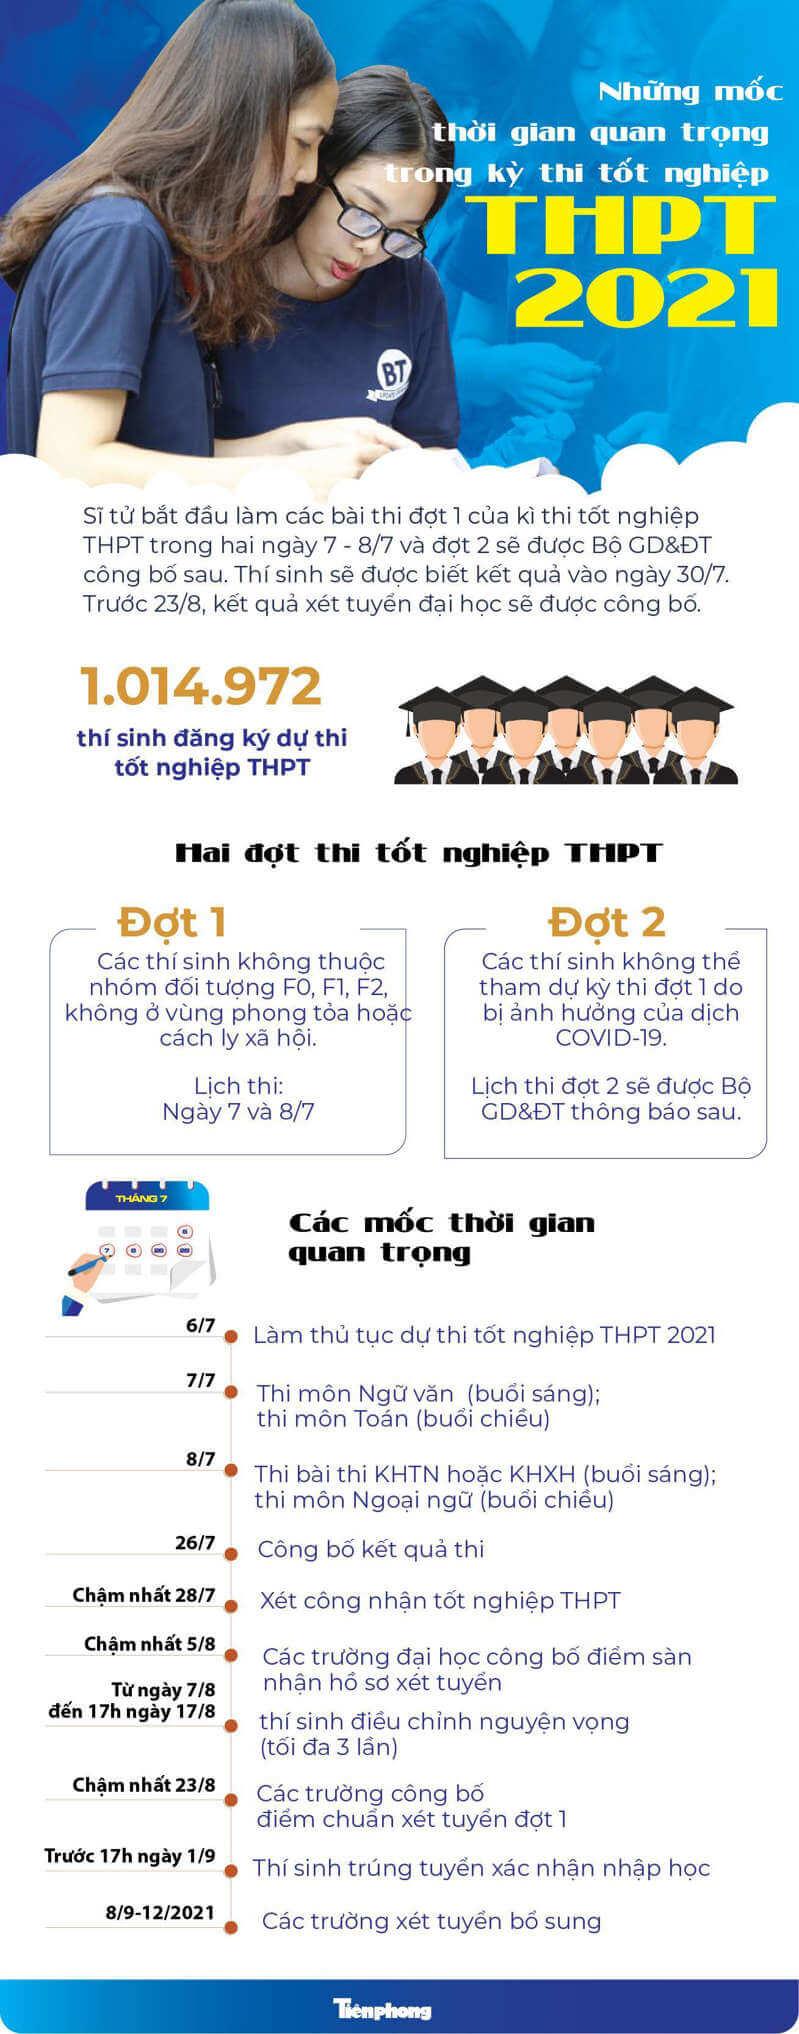 Các mốc thời gian kỳ thi tốt nghiệp THPT 2021